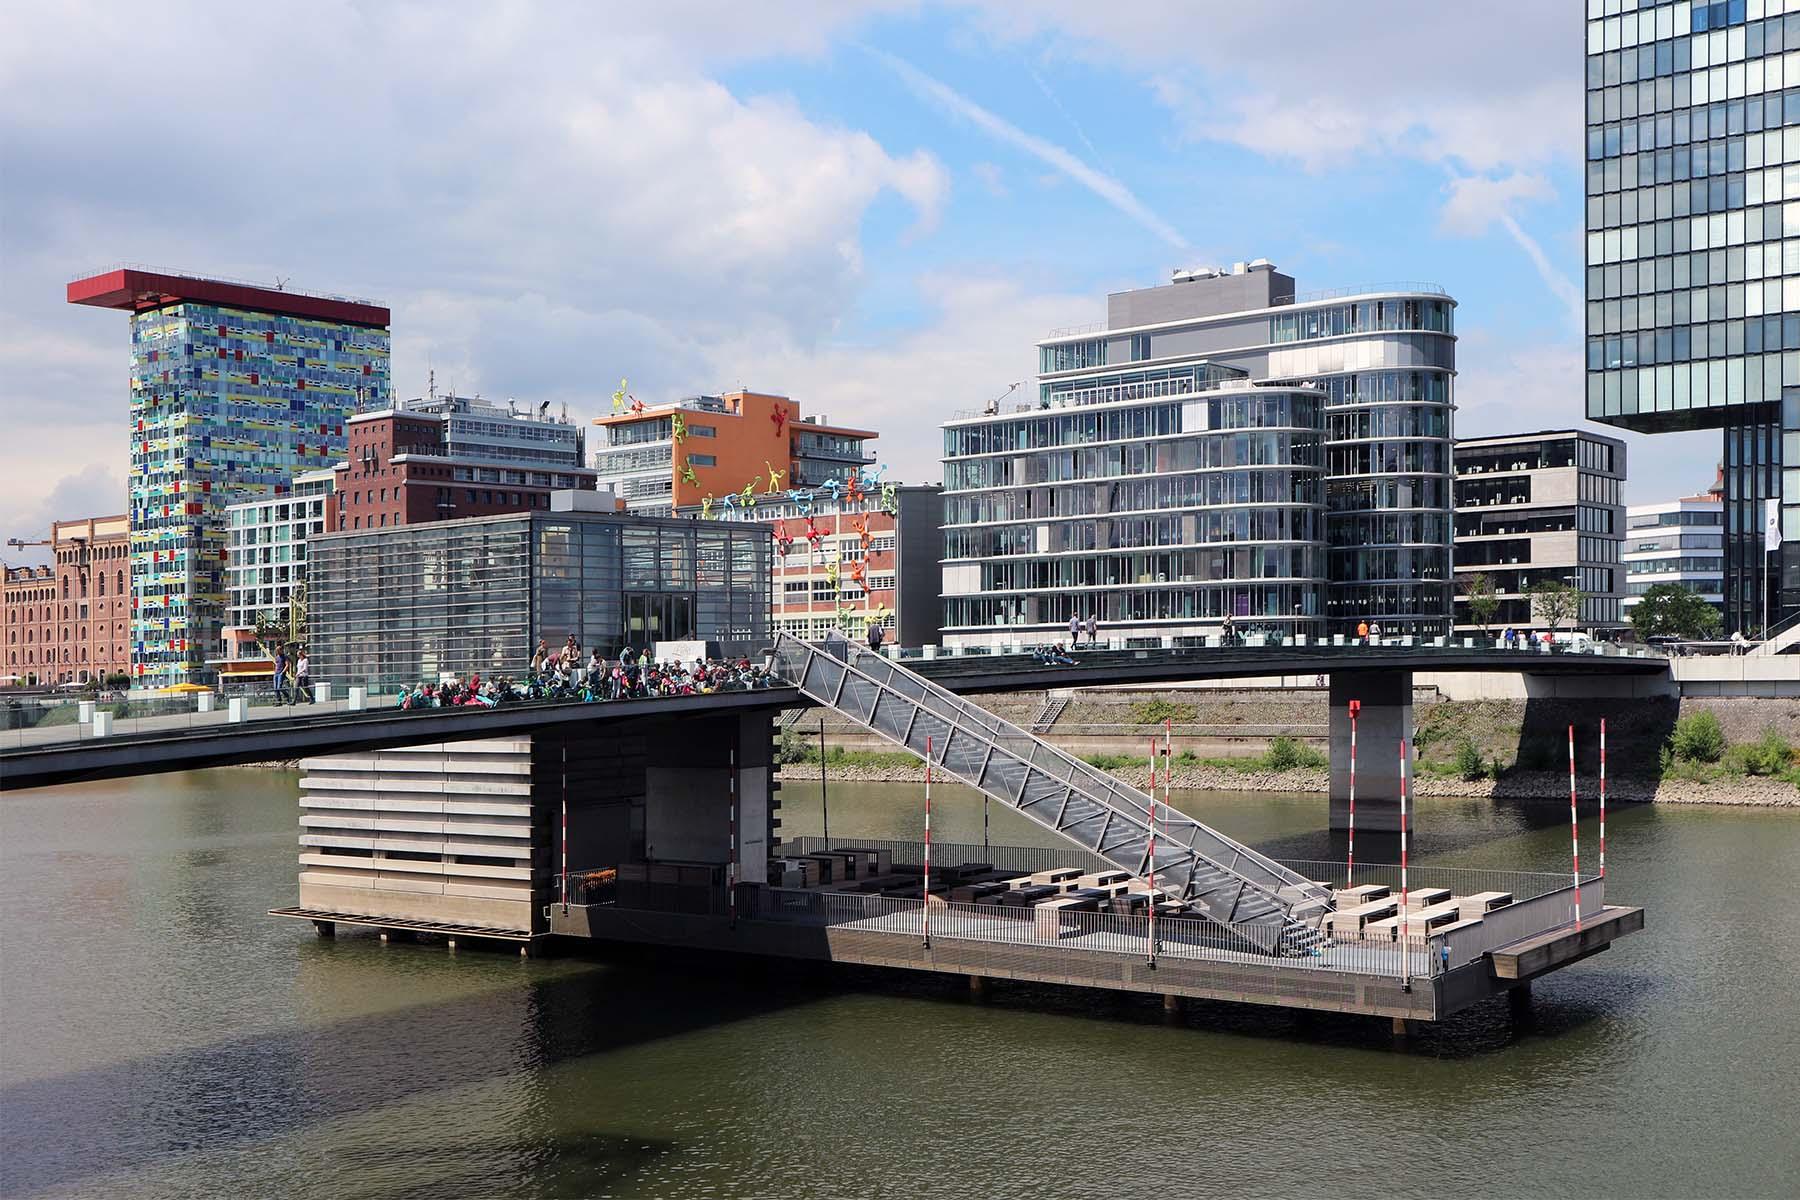 The Living Bridge.  so der andere Name der 150 Meter langen Fußgänger- und Radfahrerbrücke von sop architekten im Auftrag von JSK Architekten, Frankfurt. Fertigstellung 2005.